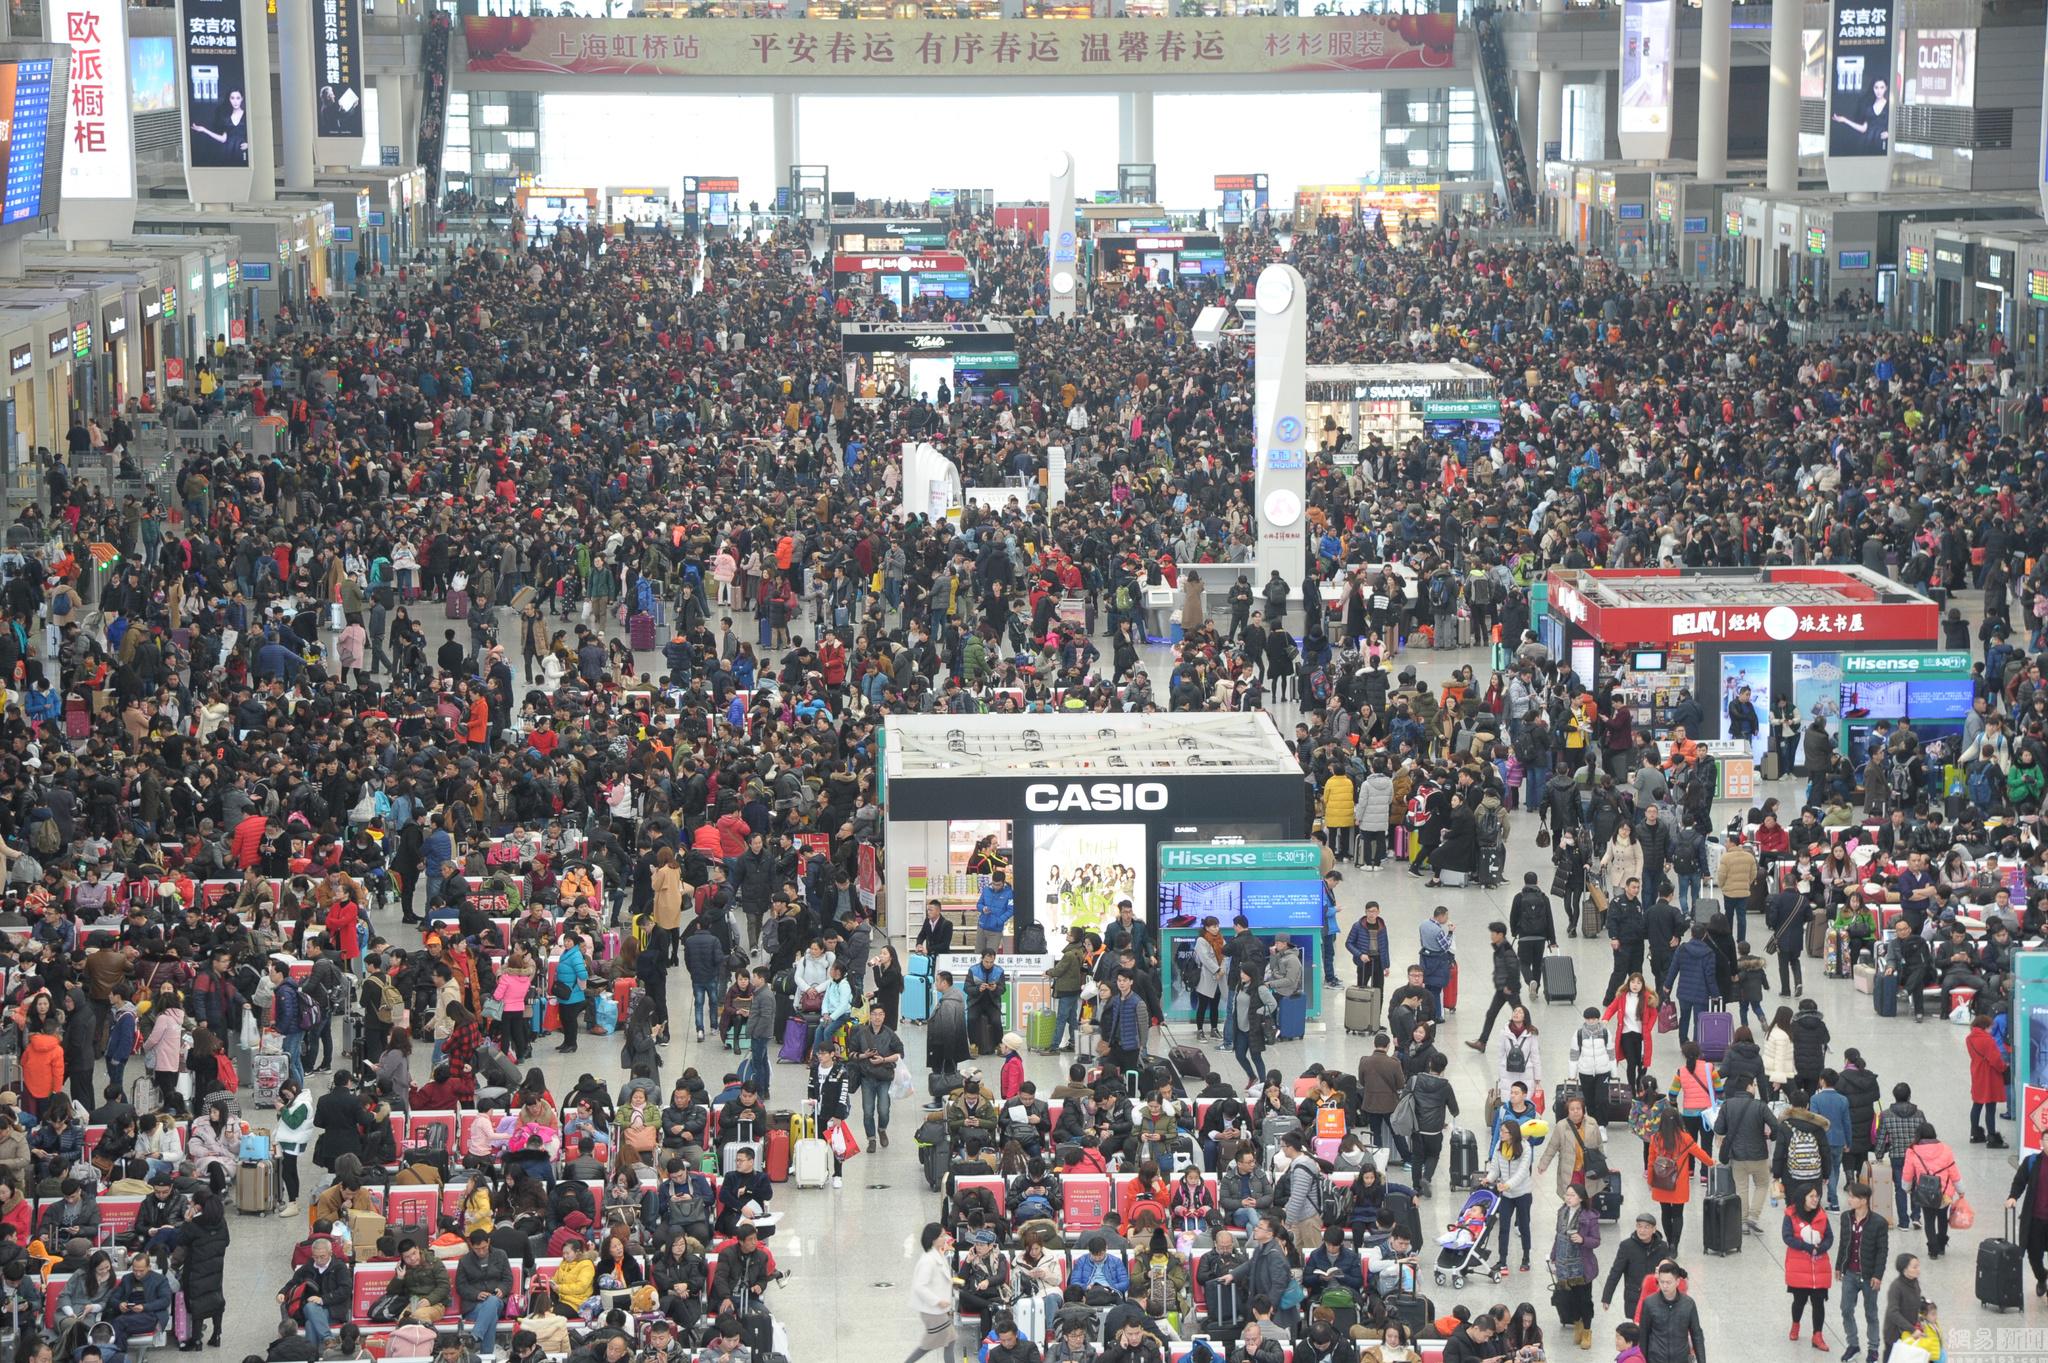 上海春运客流场面壮观 人潮涌动密密麻麻